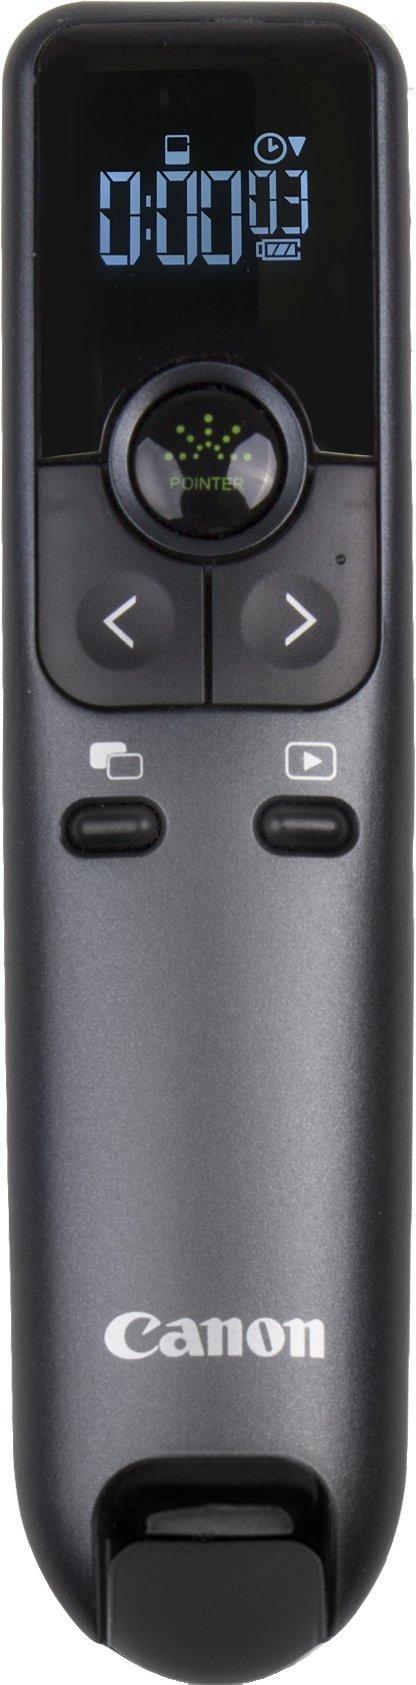 Canon PR5-G Wireless Remote Presenter, Green by Canon (Image #1)